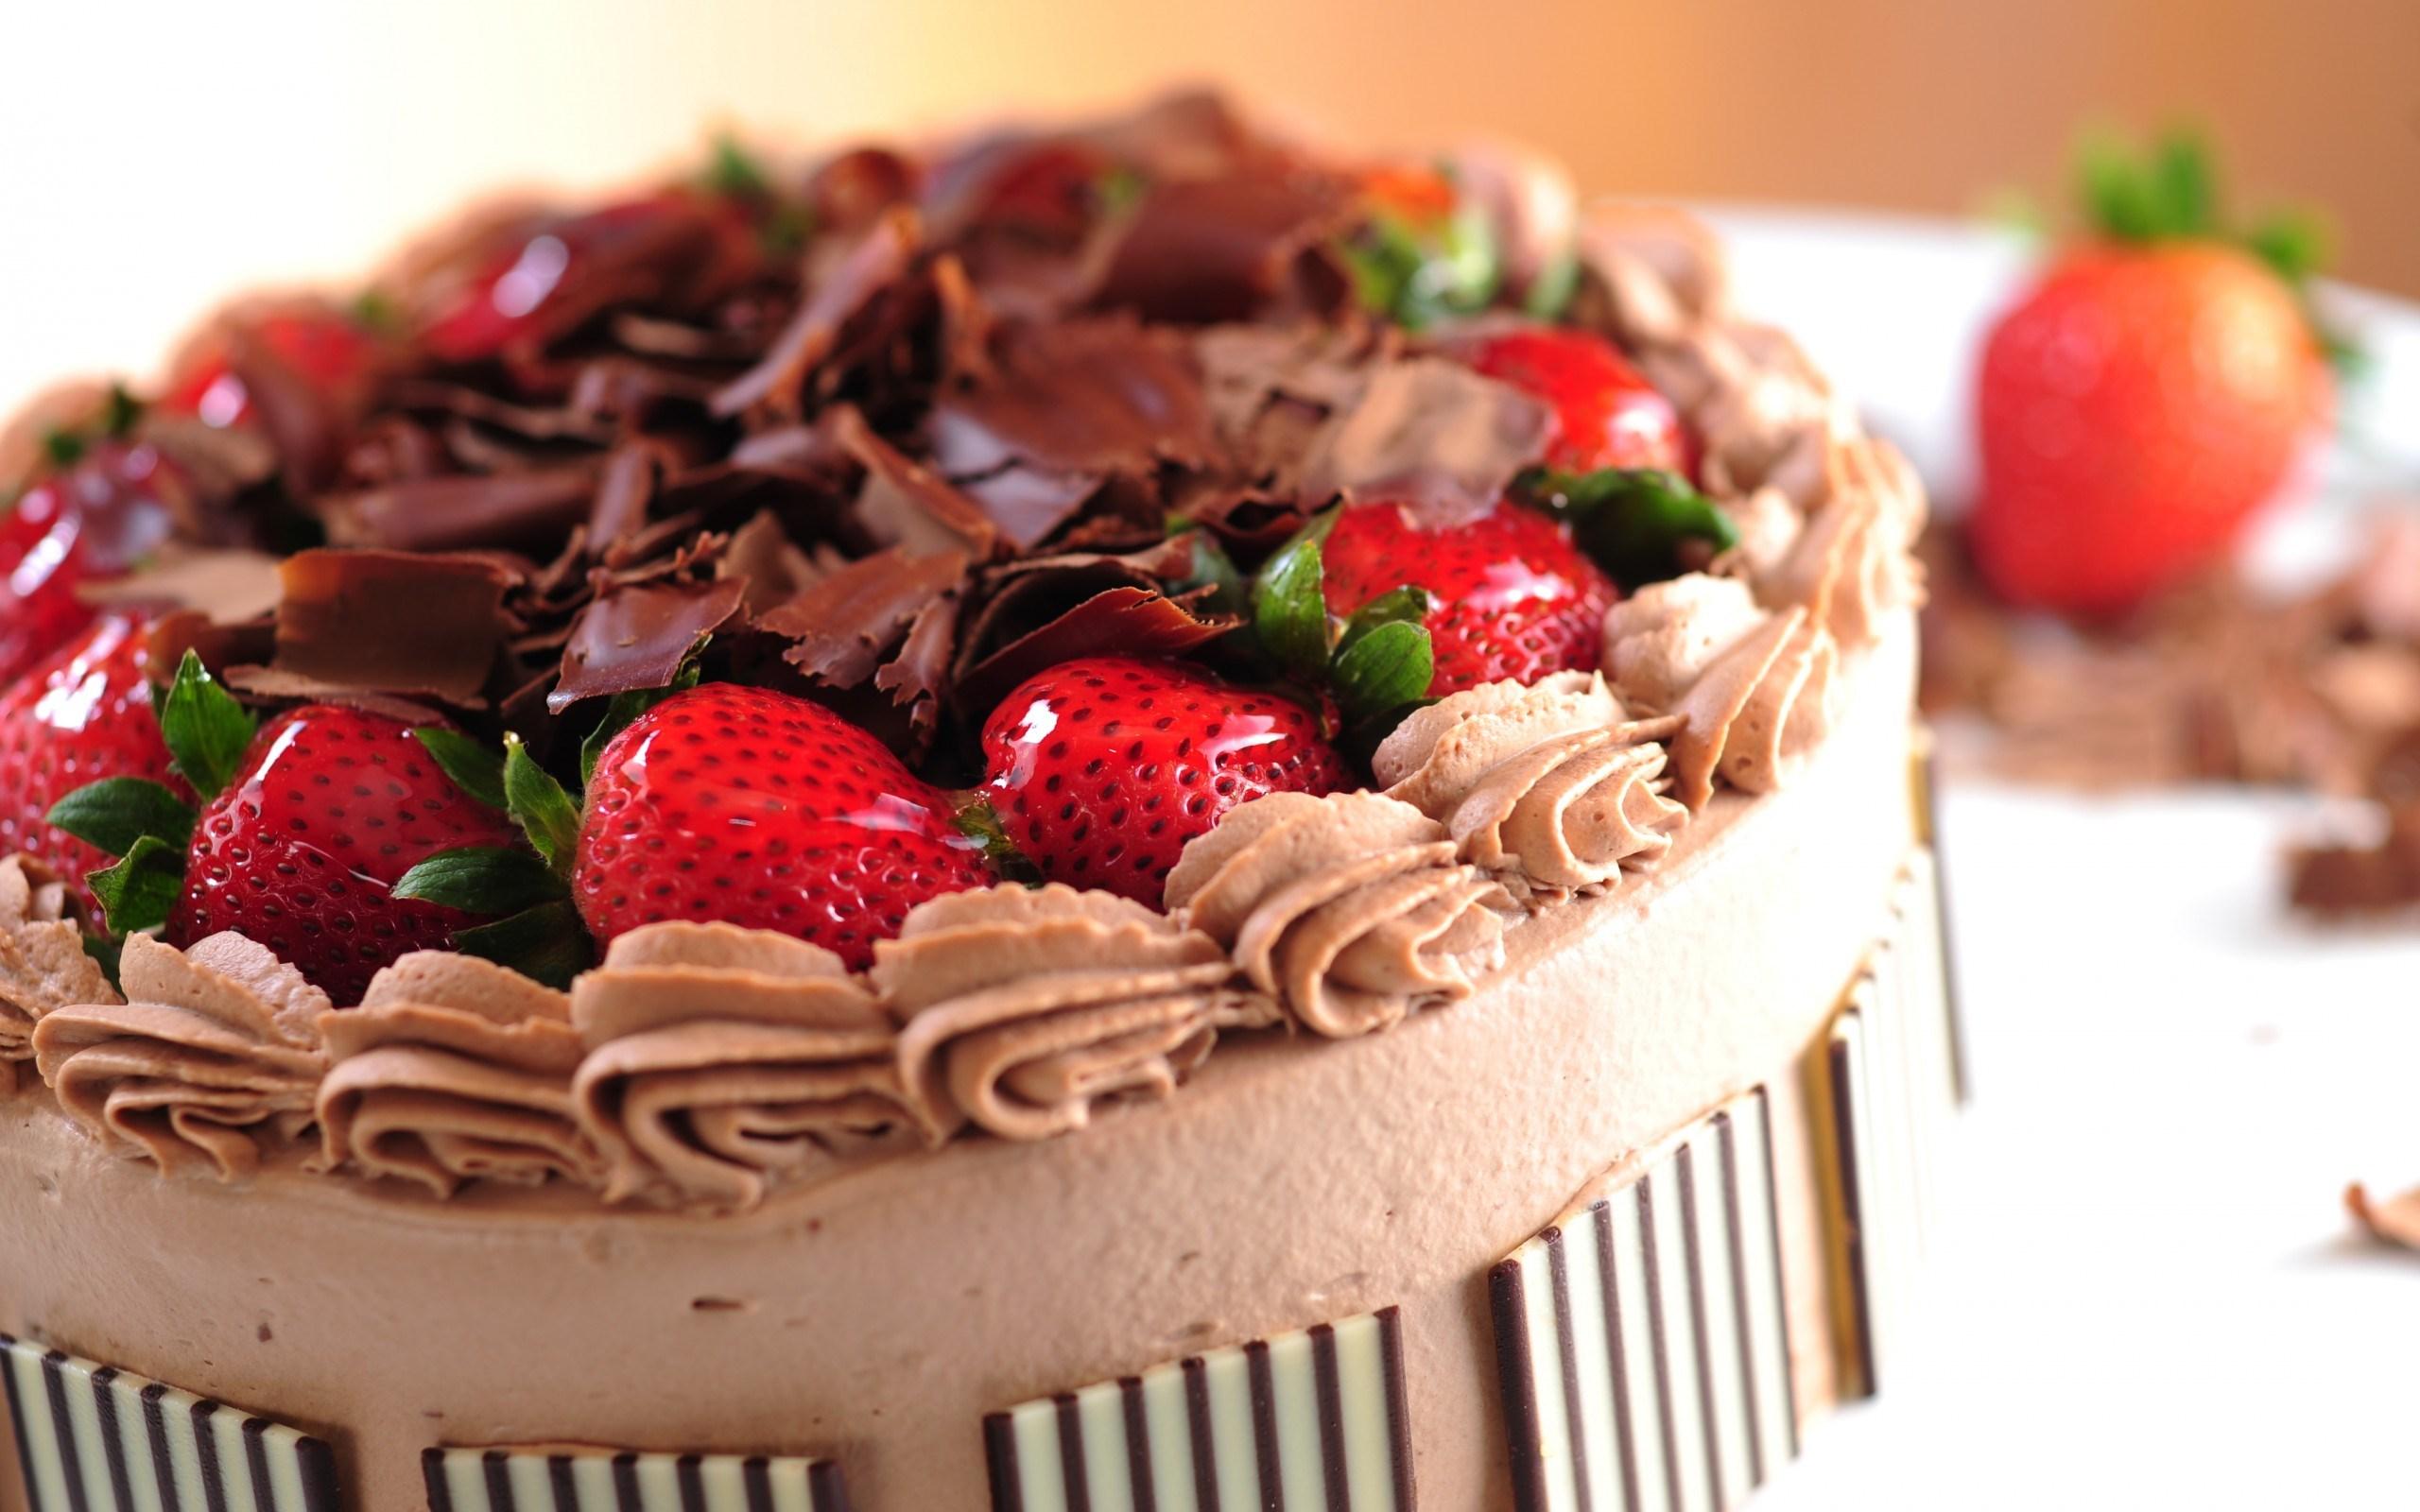 Sweet Dessert Cake Strawberries Berries Food